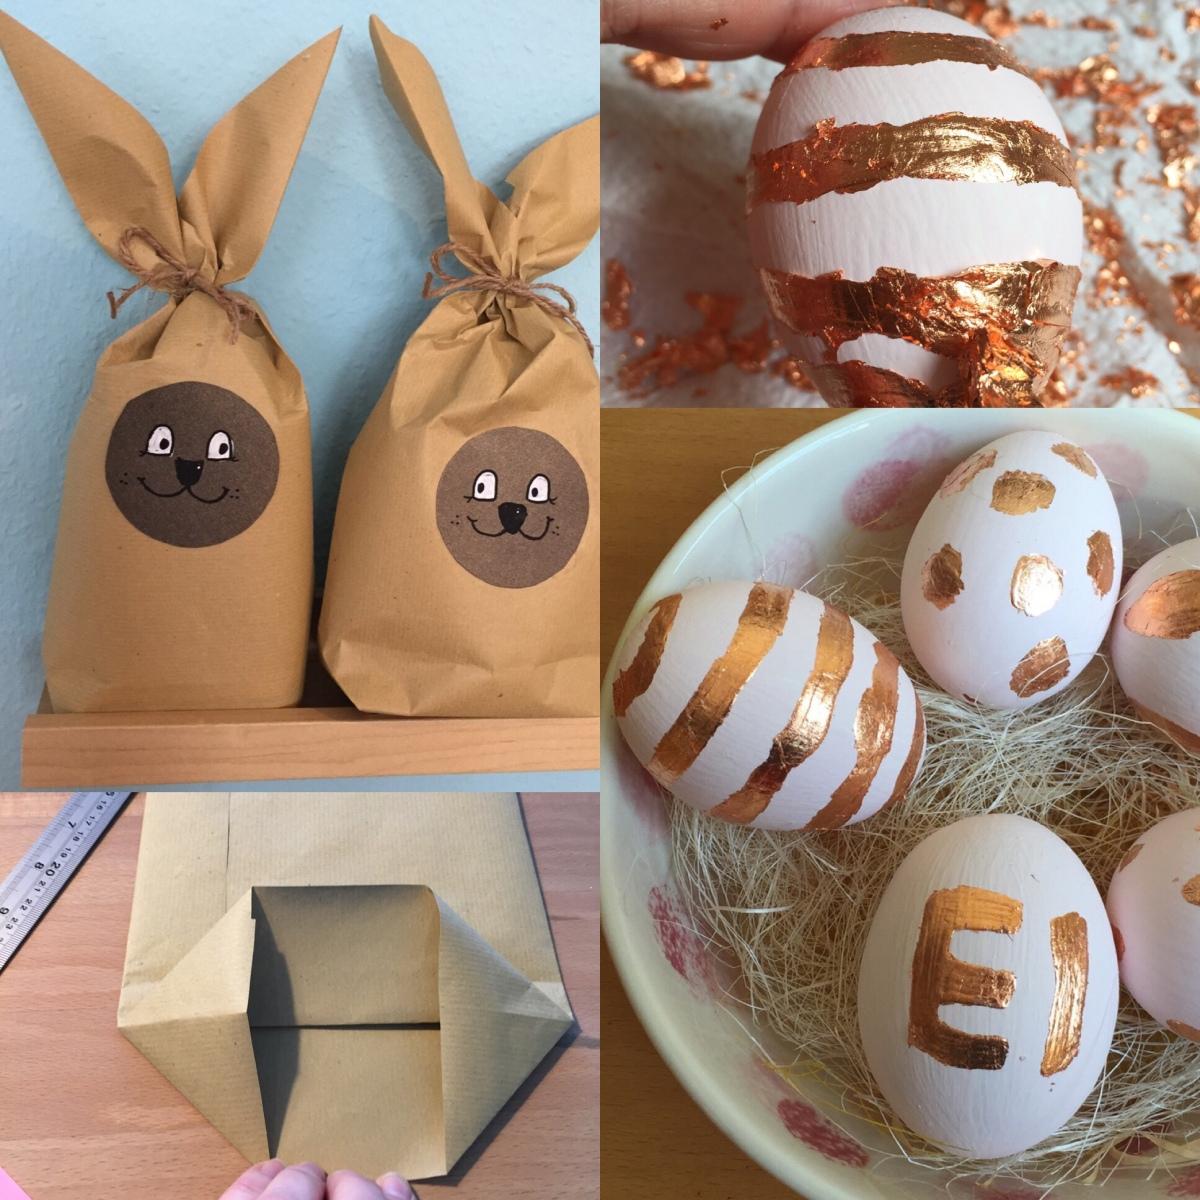 Zw🥚erl🥚um Huhn und Ei - oder - Last Minute DIY zu Ostern: Hasentüten zum Verpacken & Eier mit Blattmetall verzieren